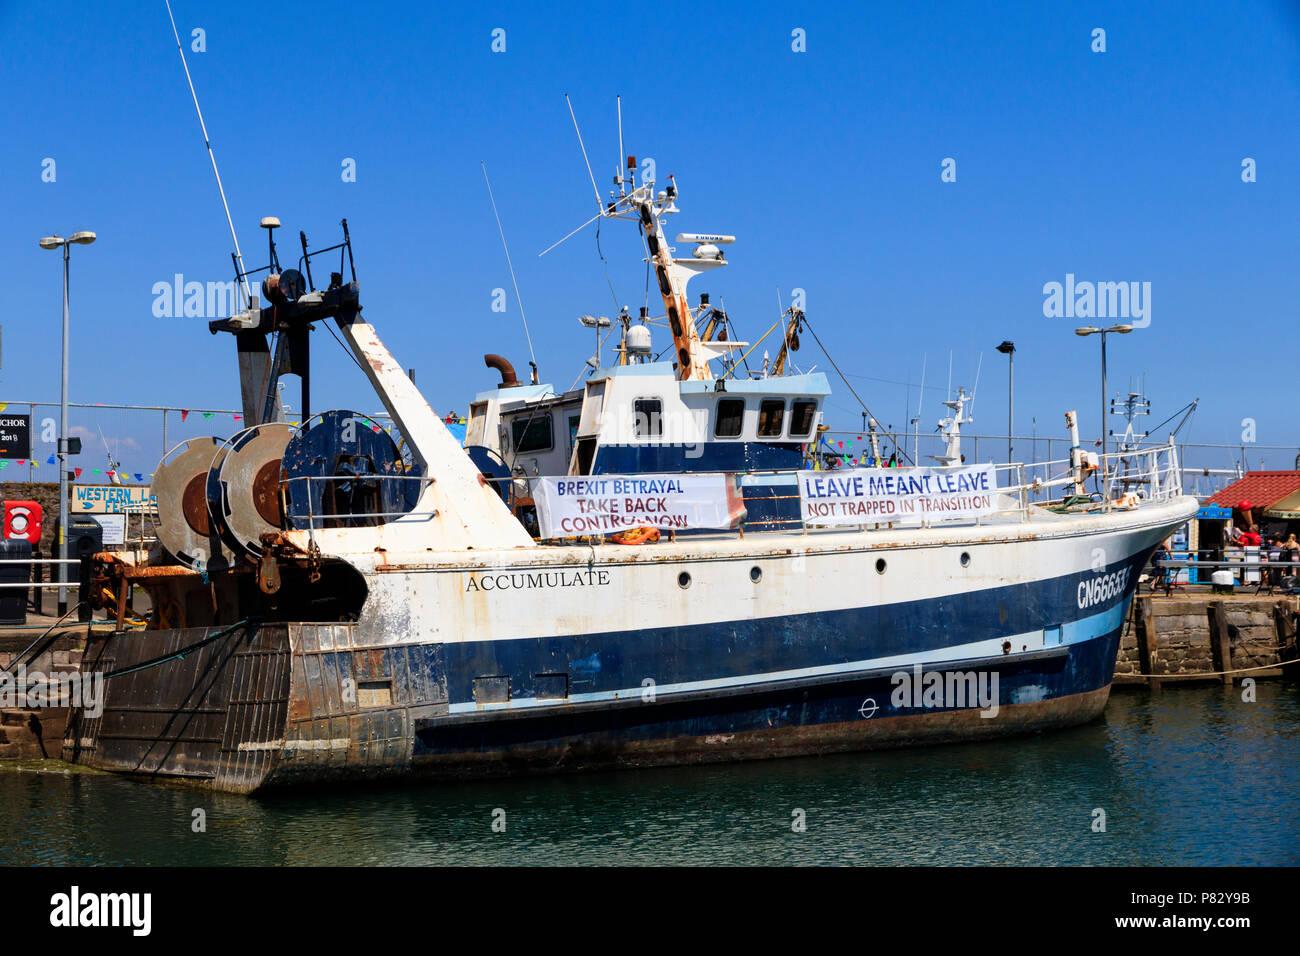 Trawler Offshore si accumulano portando Brexit pesca banner di protesta a Brixham Harbour, Devon, Regno Unito Foto Stock